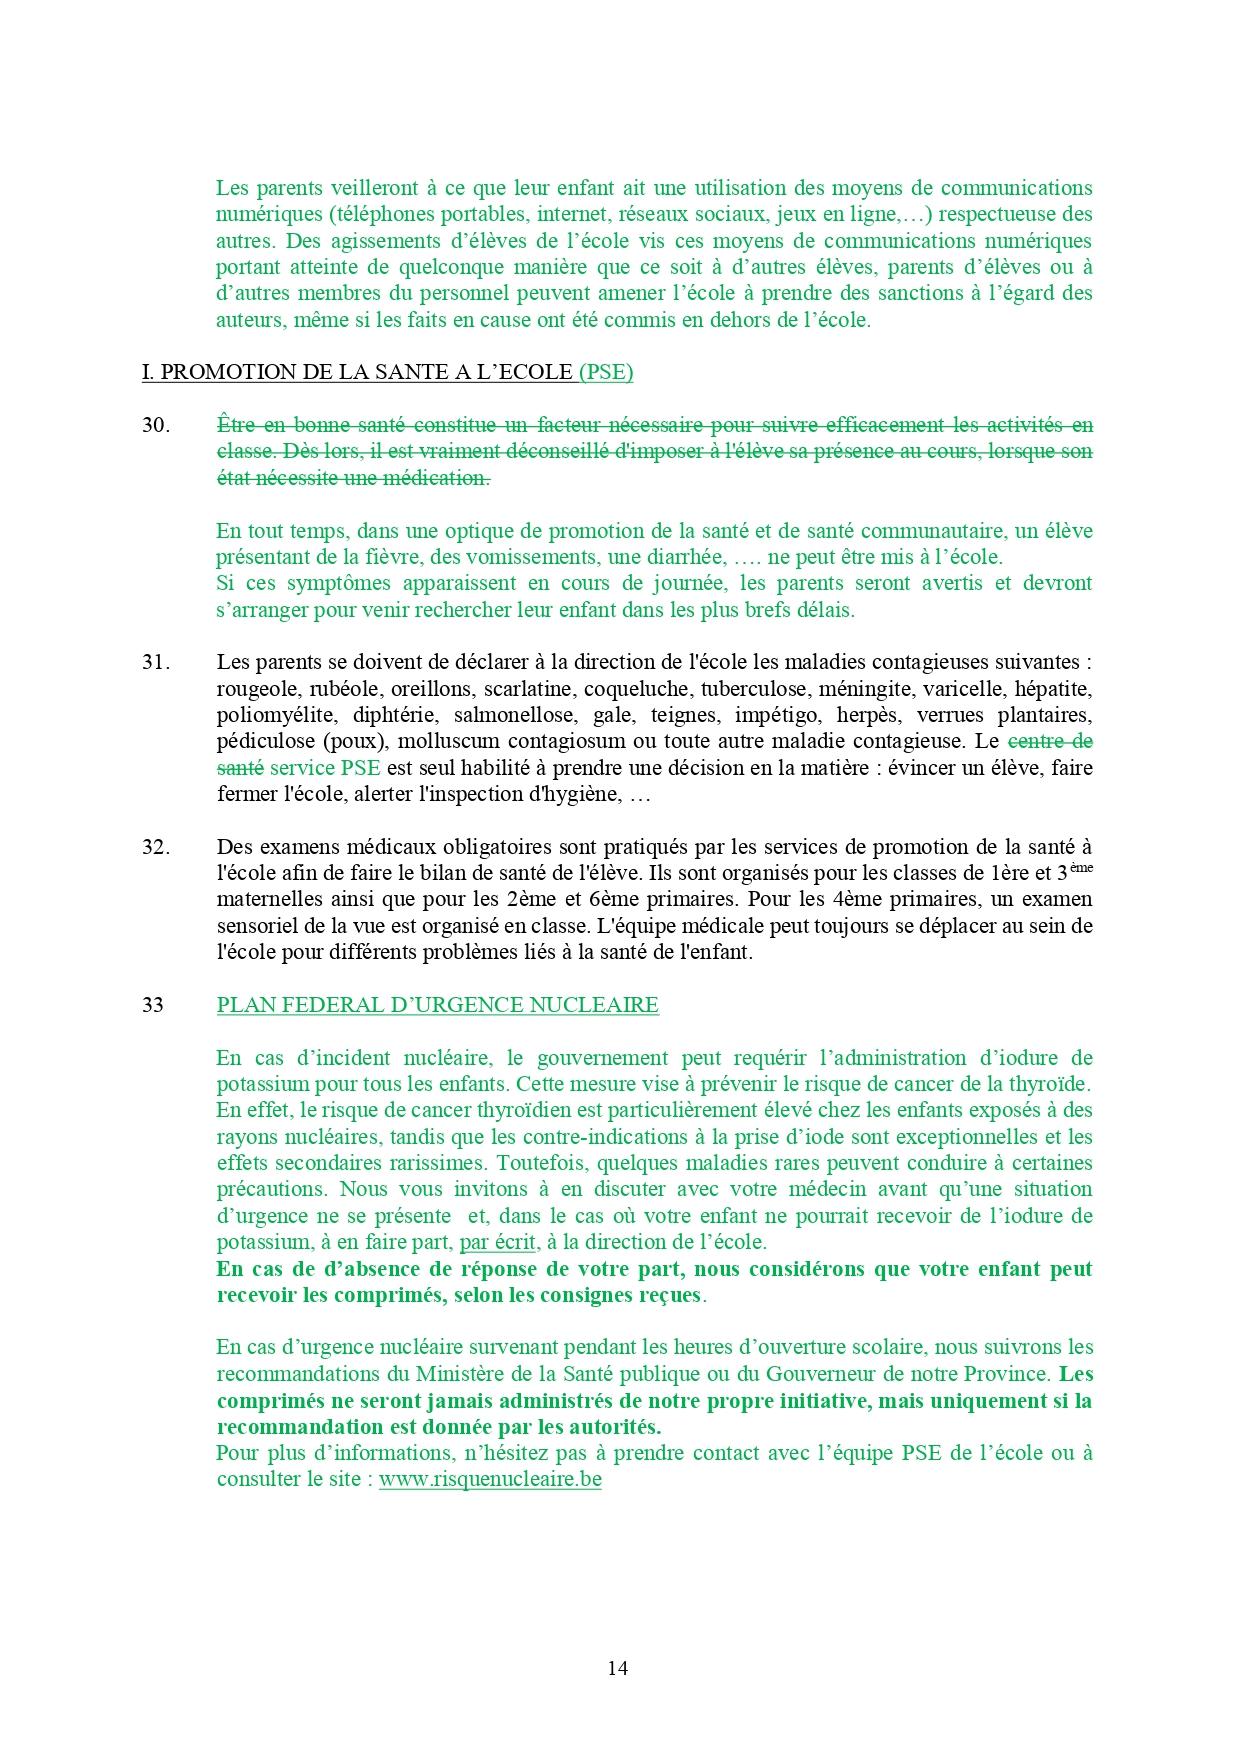 ROI fondamental avril 2020_page-0014